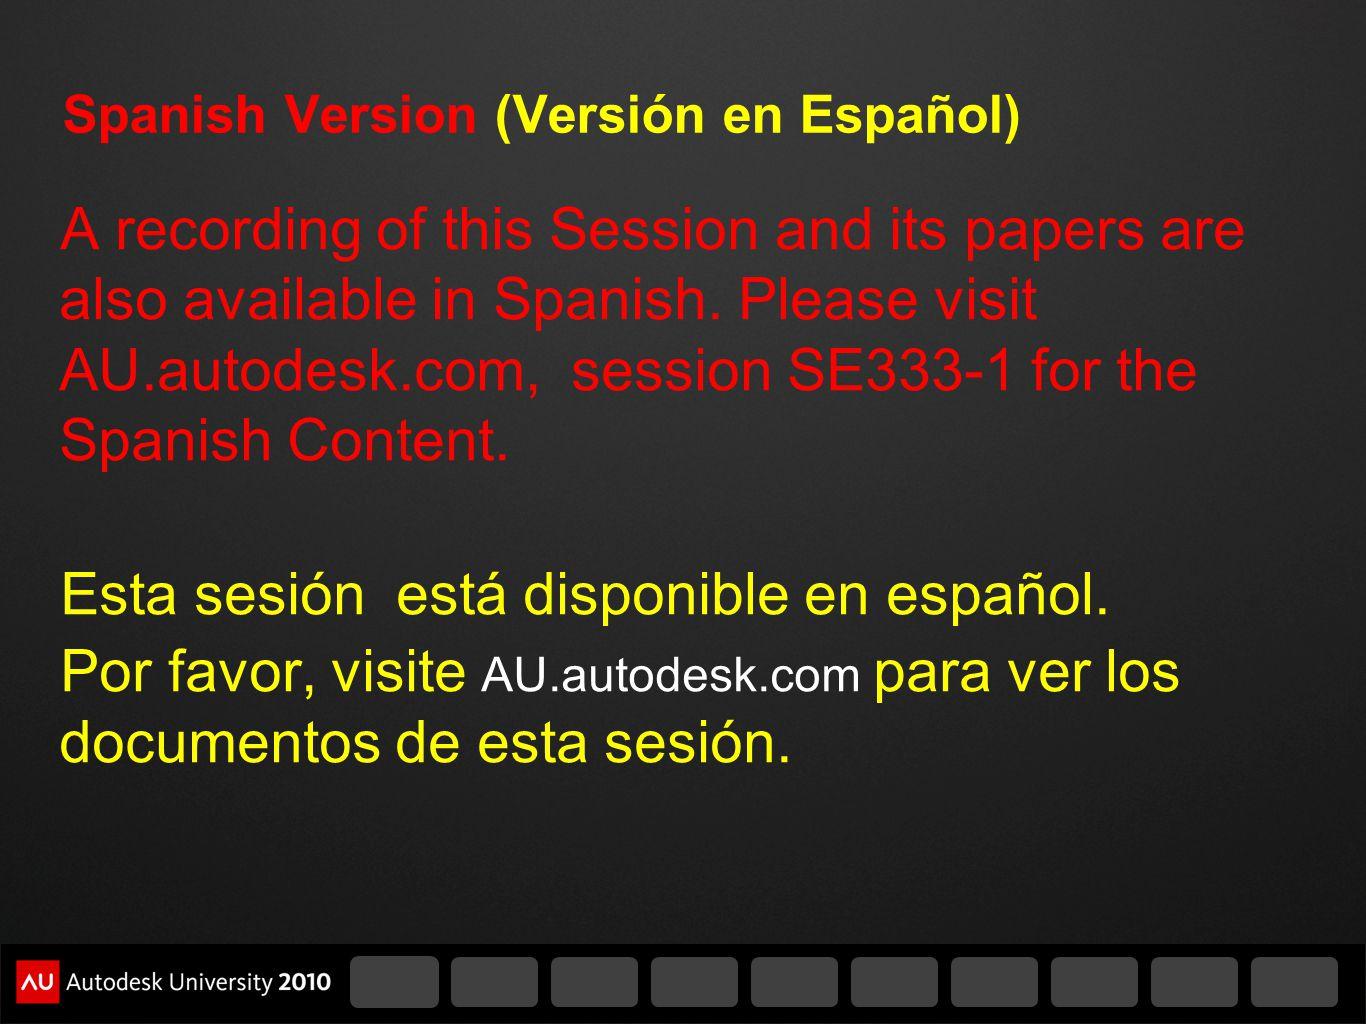 Spanish Version (Versión en Español)